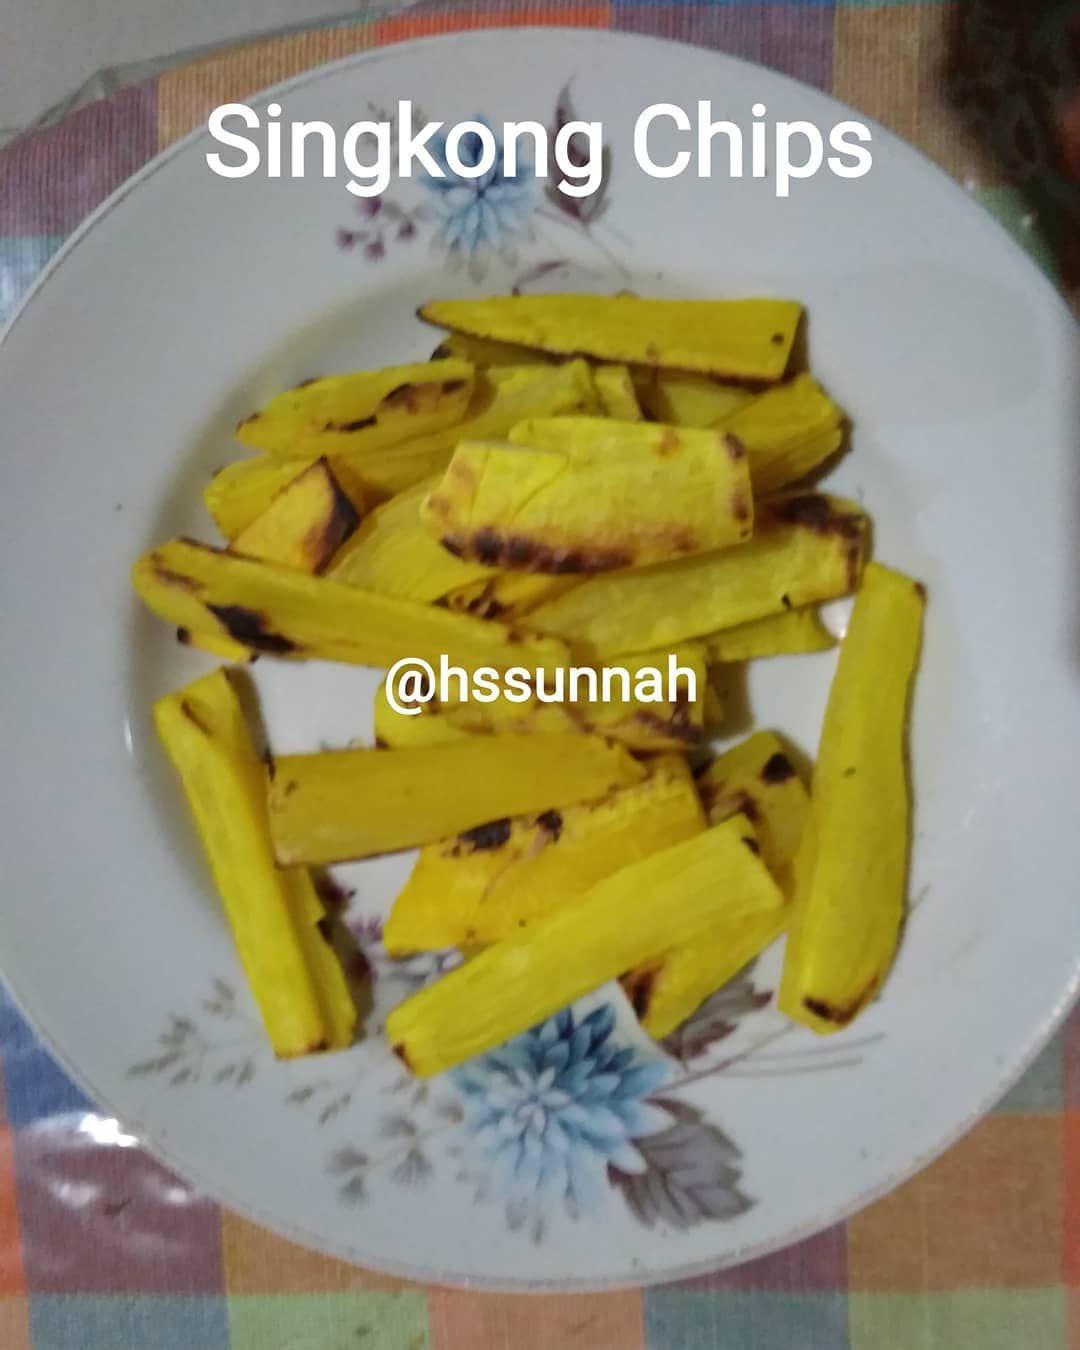 Hidup Sehat Jsr Di Instagram Bismillah Singkong Chips Bahan 1 Singkong Cassava Yukka 2 Bawang Putih Bubuk Garlic Powder Food Snacks Chips